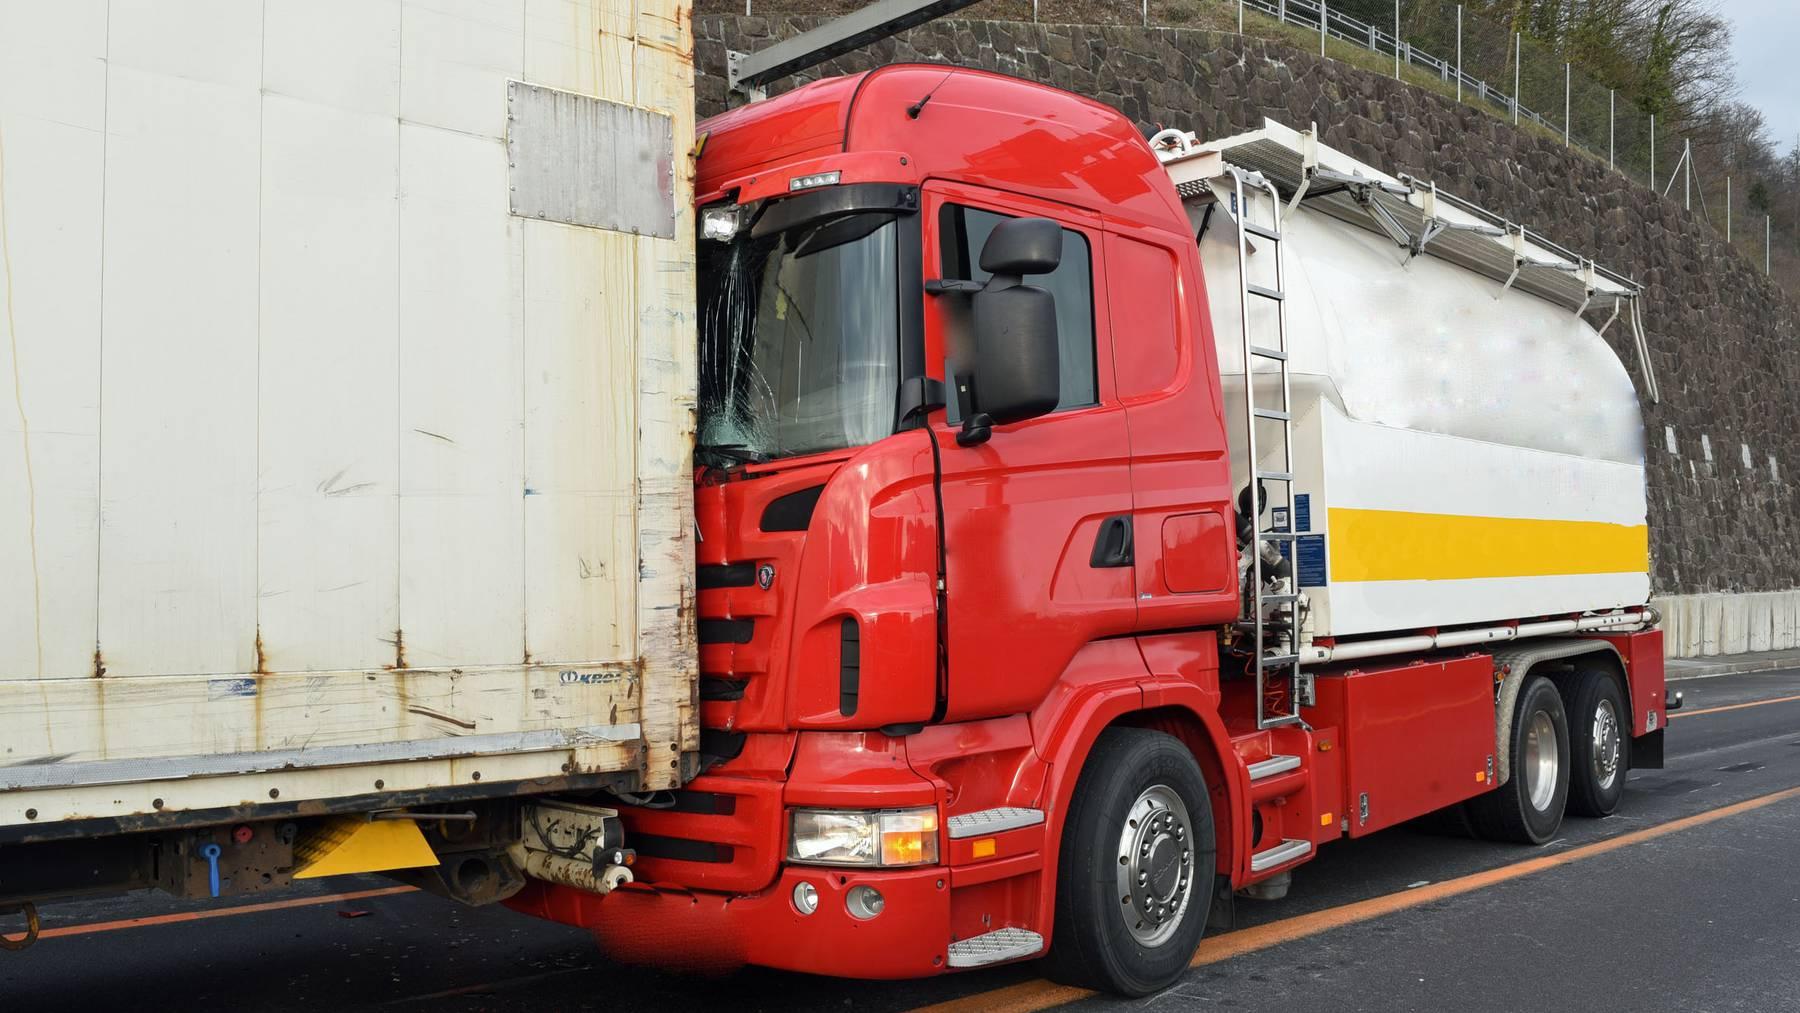 Der rote Lastwagen konnte nicht mehr rechtzeitig bremsen und fuhr in den stehenden Sattelschlepper.